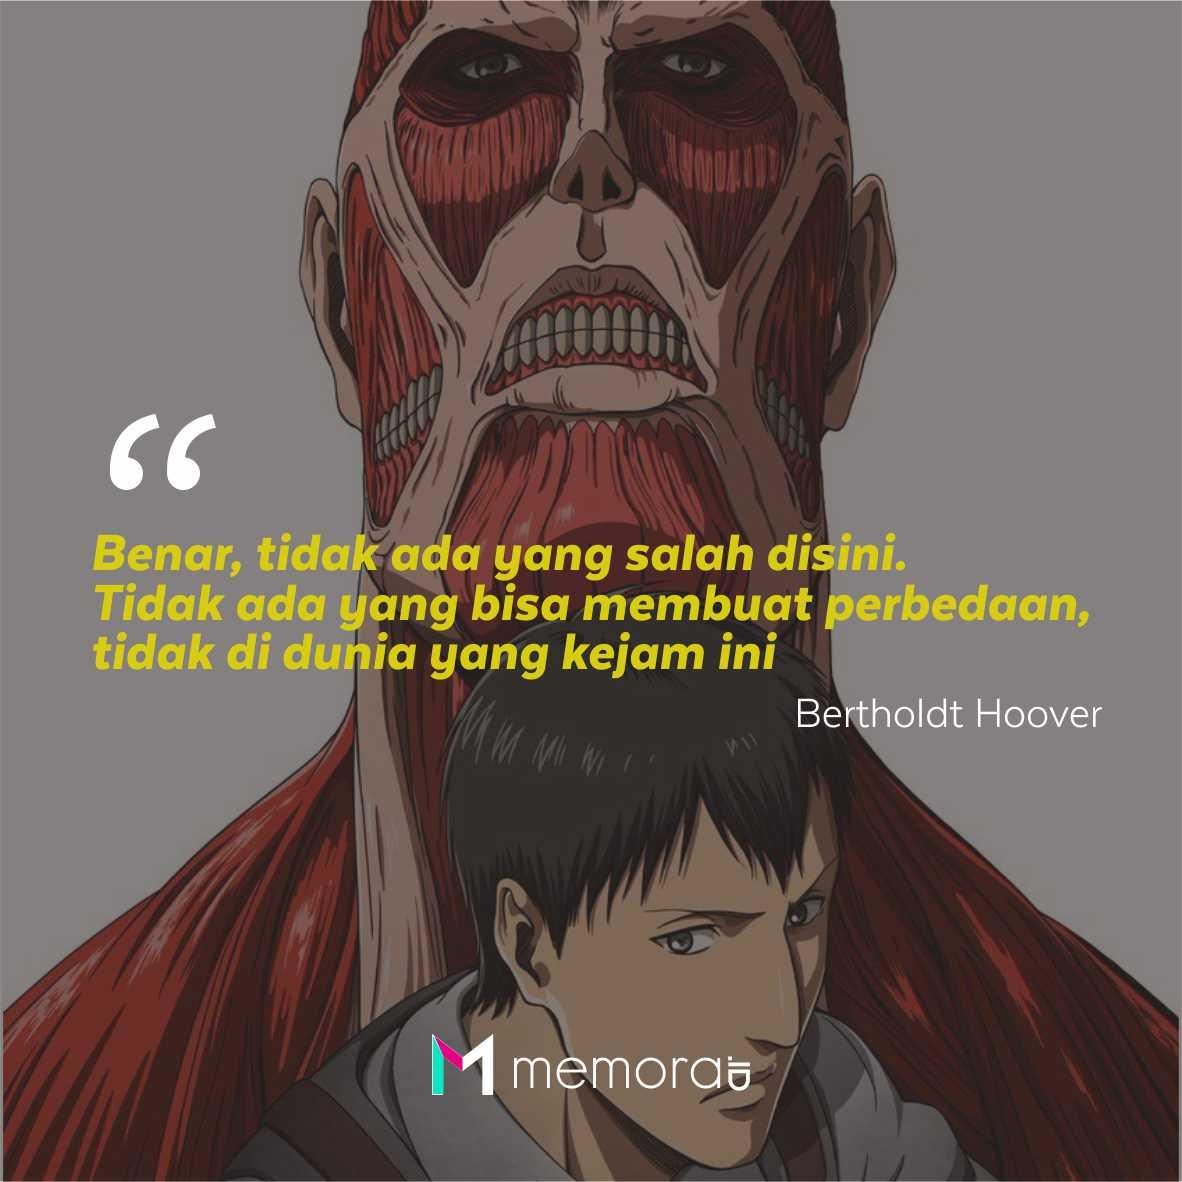 Kata-Kata Mutiara Bertholdt Hoover